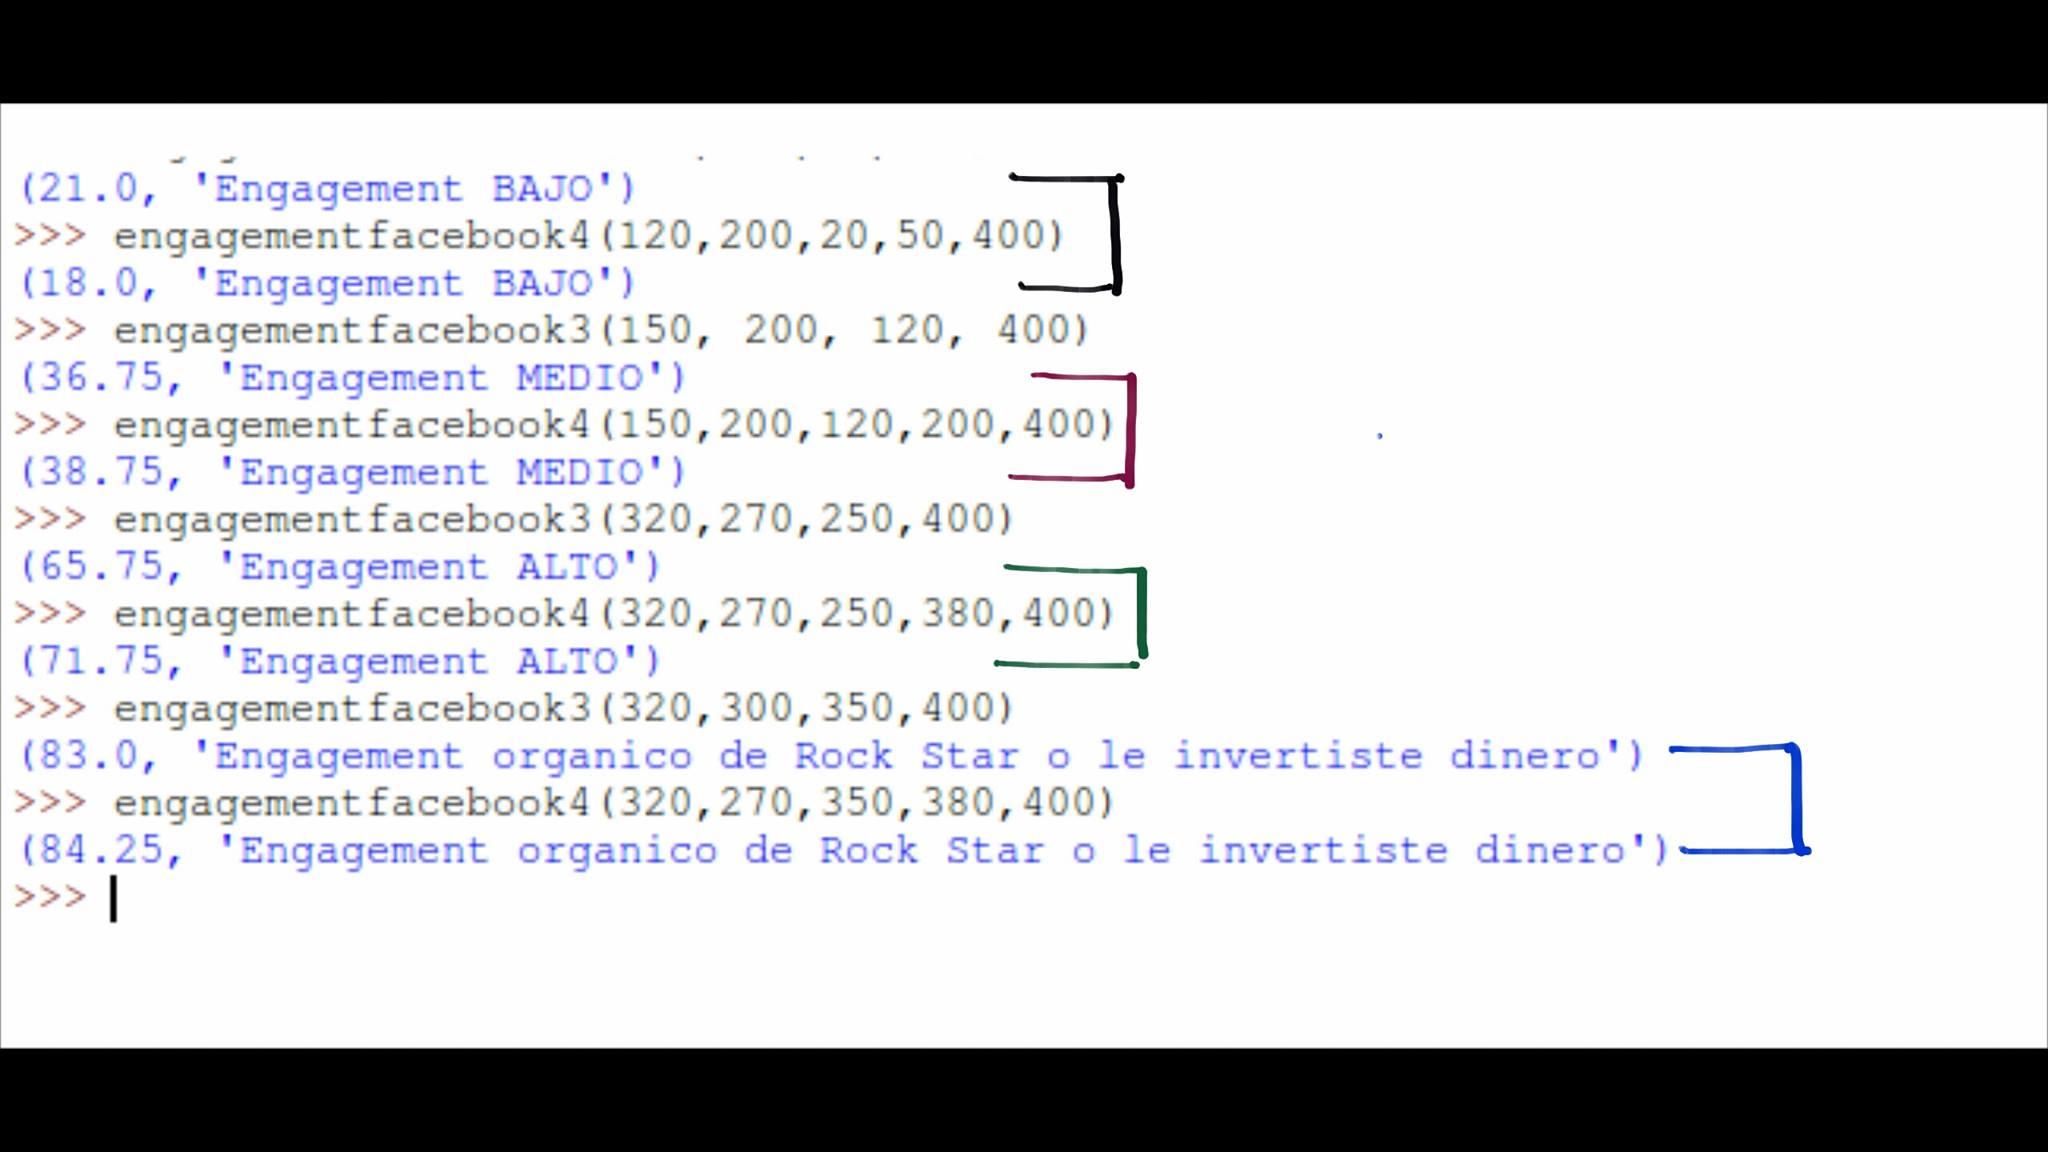 carlos-cortes-formulas-engagement-redes-sociales-facebook